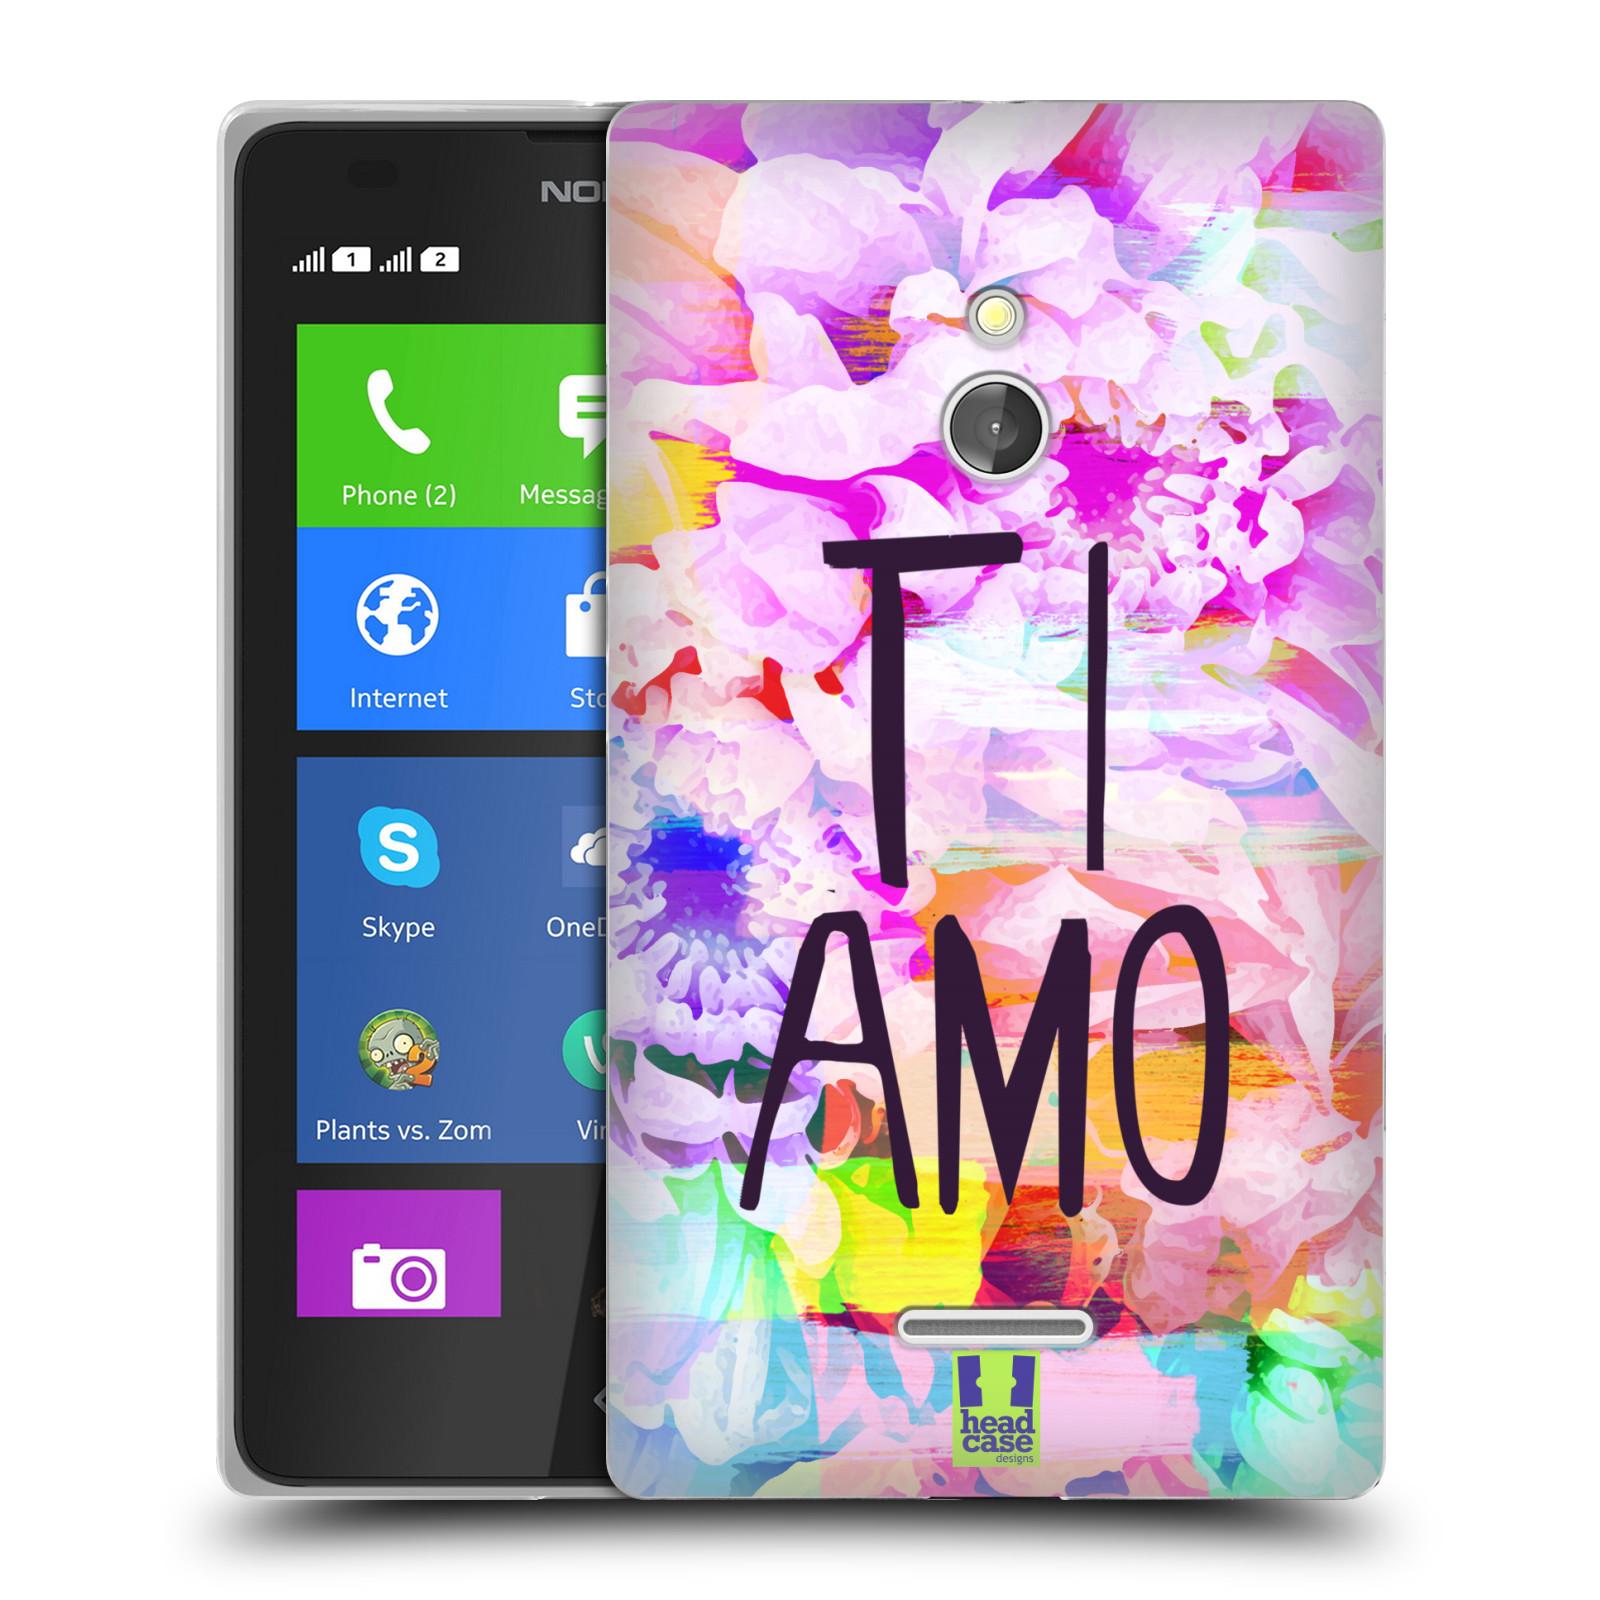 HEAD CASE silikonový obal na mobil Nokia XL / Nokia XL DUAL SIM Láska a květy Ti Amo